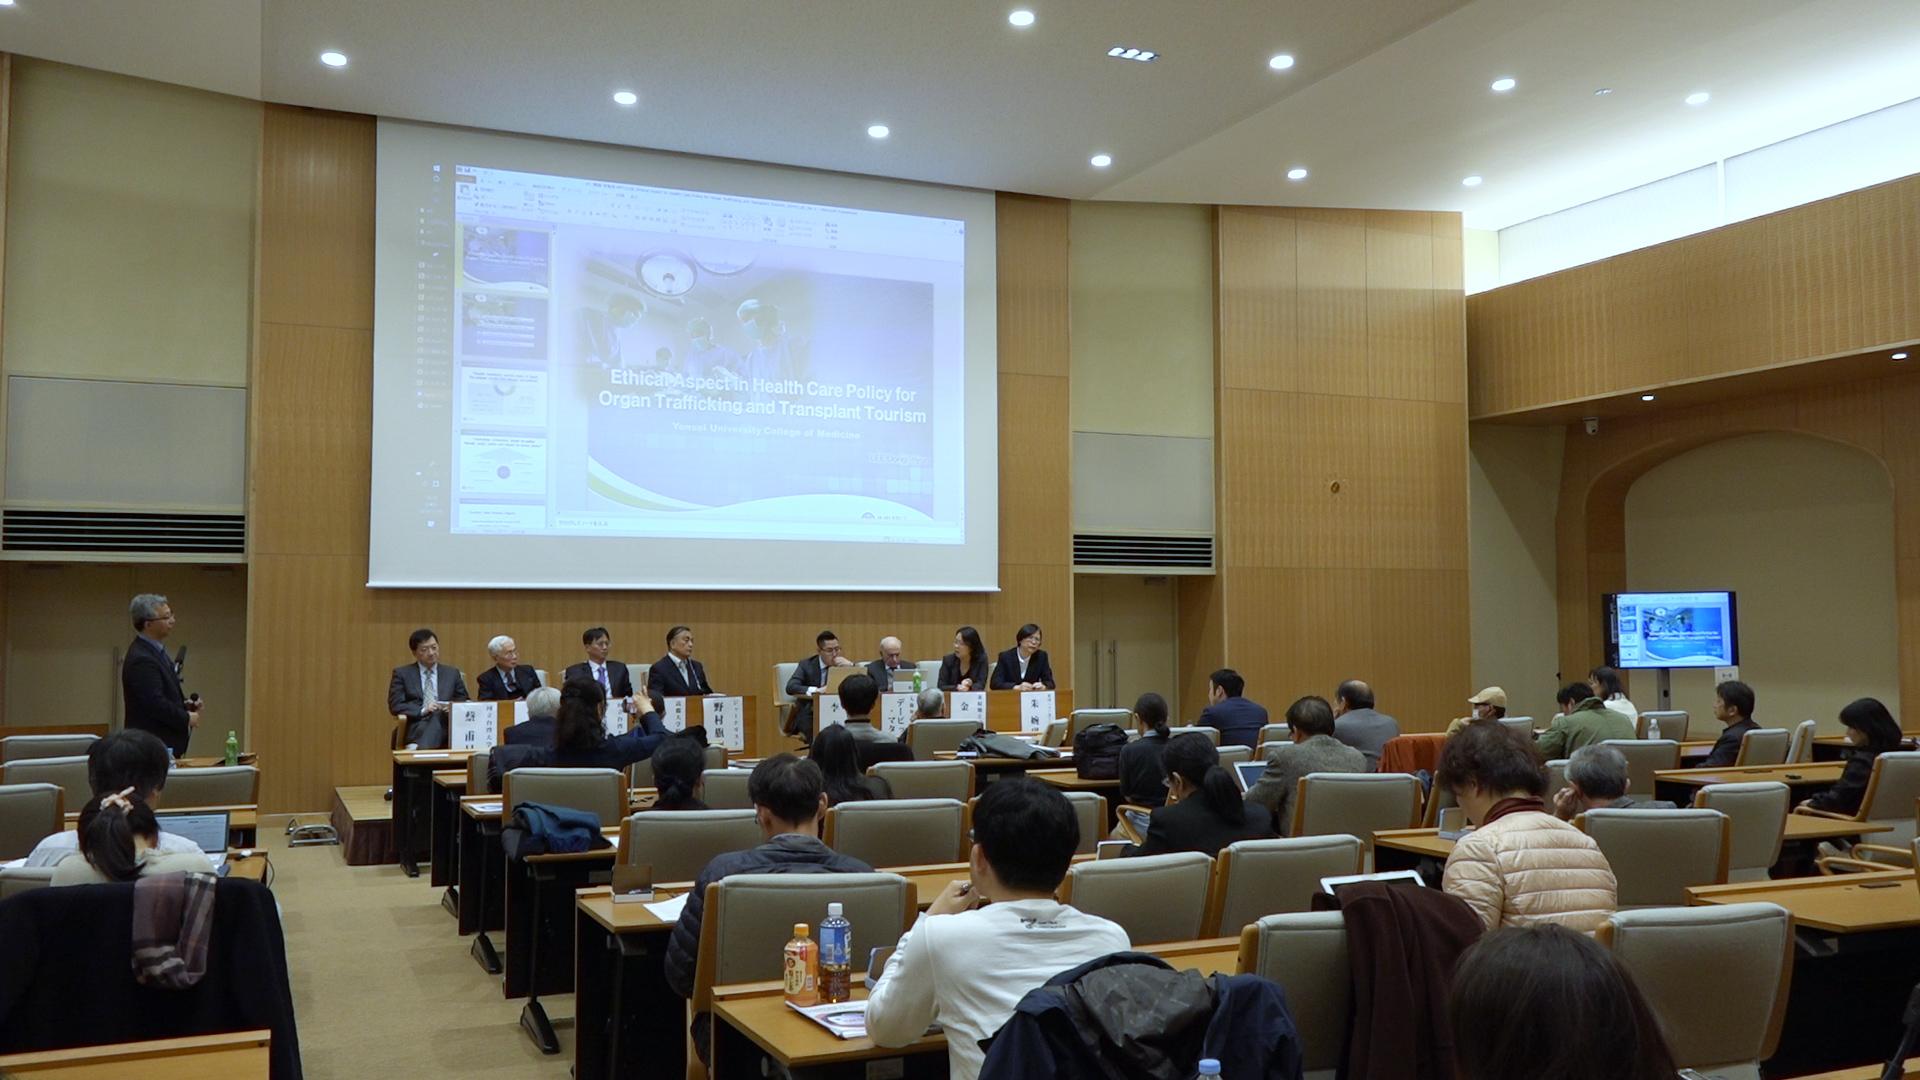 11月30日,日本、台灣、南韓及加拿大的醫學界、法律界以及生命倫理界一行九位專家教授於東京大學舉行了針對器官販運及移植旅遊的亞洲研討會。揭露了中共的活摘人體器官。(新唐人)